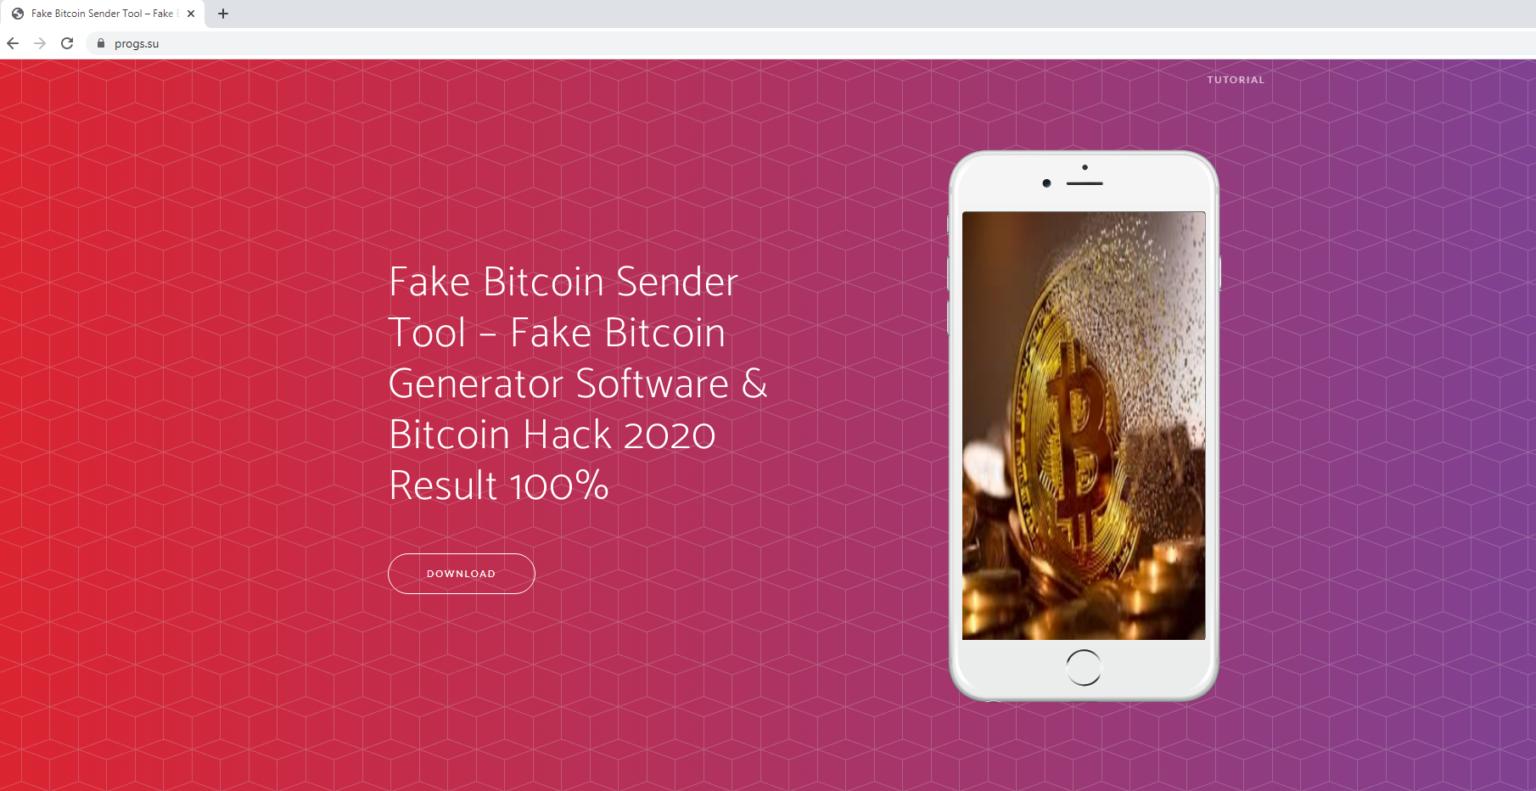 Fake Bitcoin Sender infecta dispositivos com o malware HackBoss